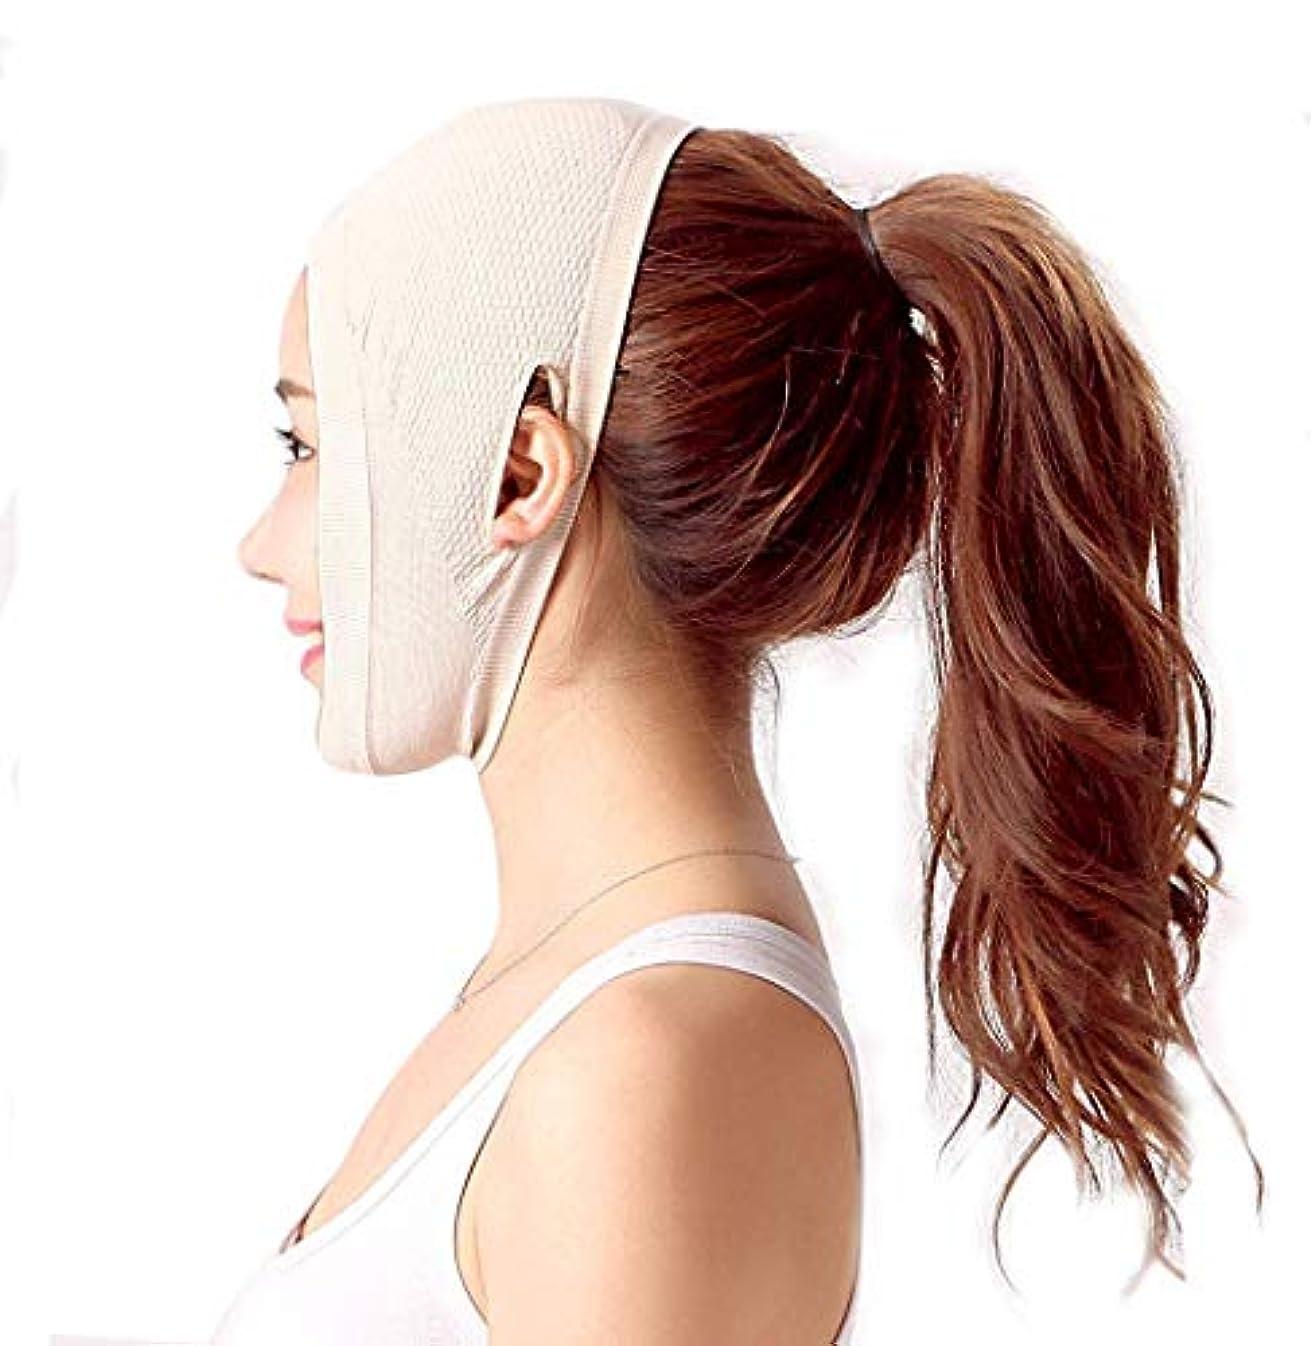 株式私の剪断V顔リフティング包帯薄いフェイスマスク(色:肌のトーン(A))を眠っている整形手術病院ライン彫刻術後回復ヘッドギア医療マスク